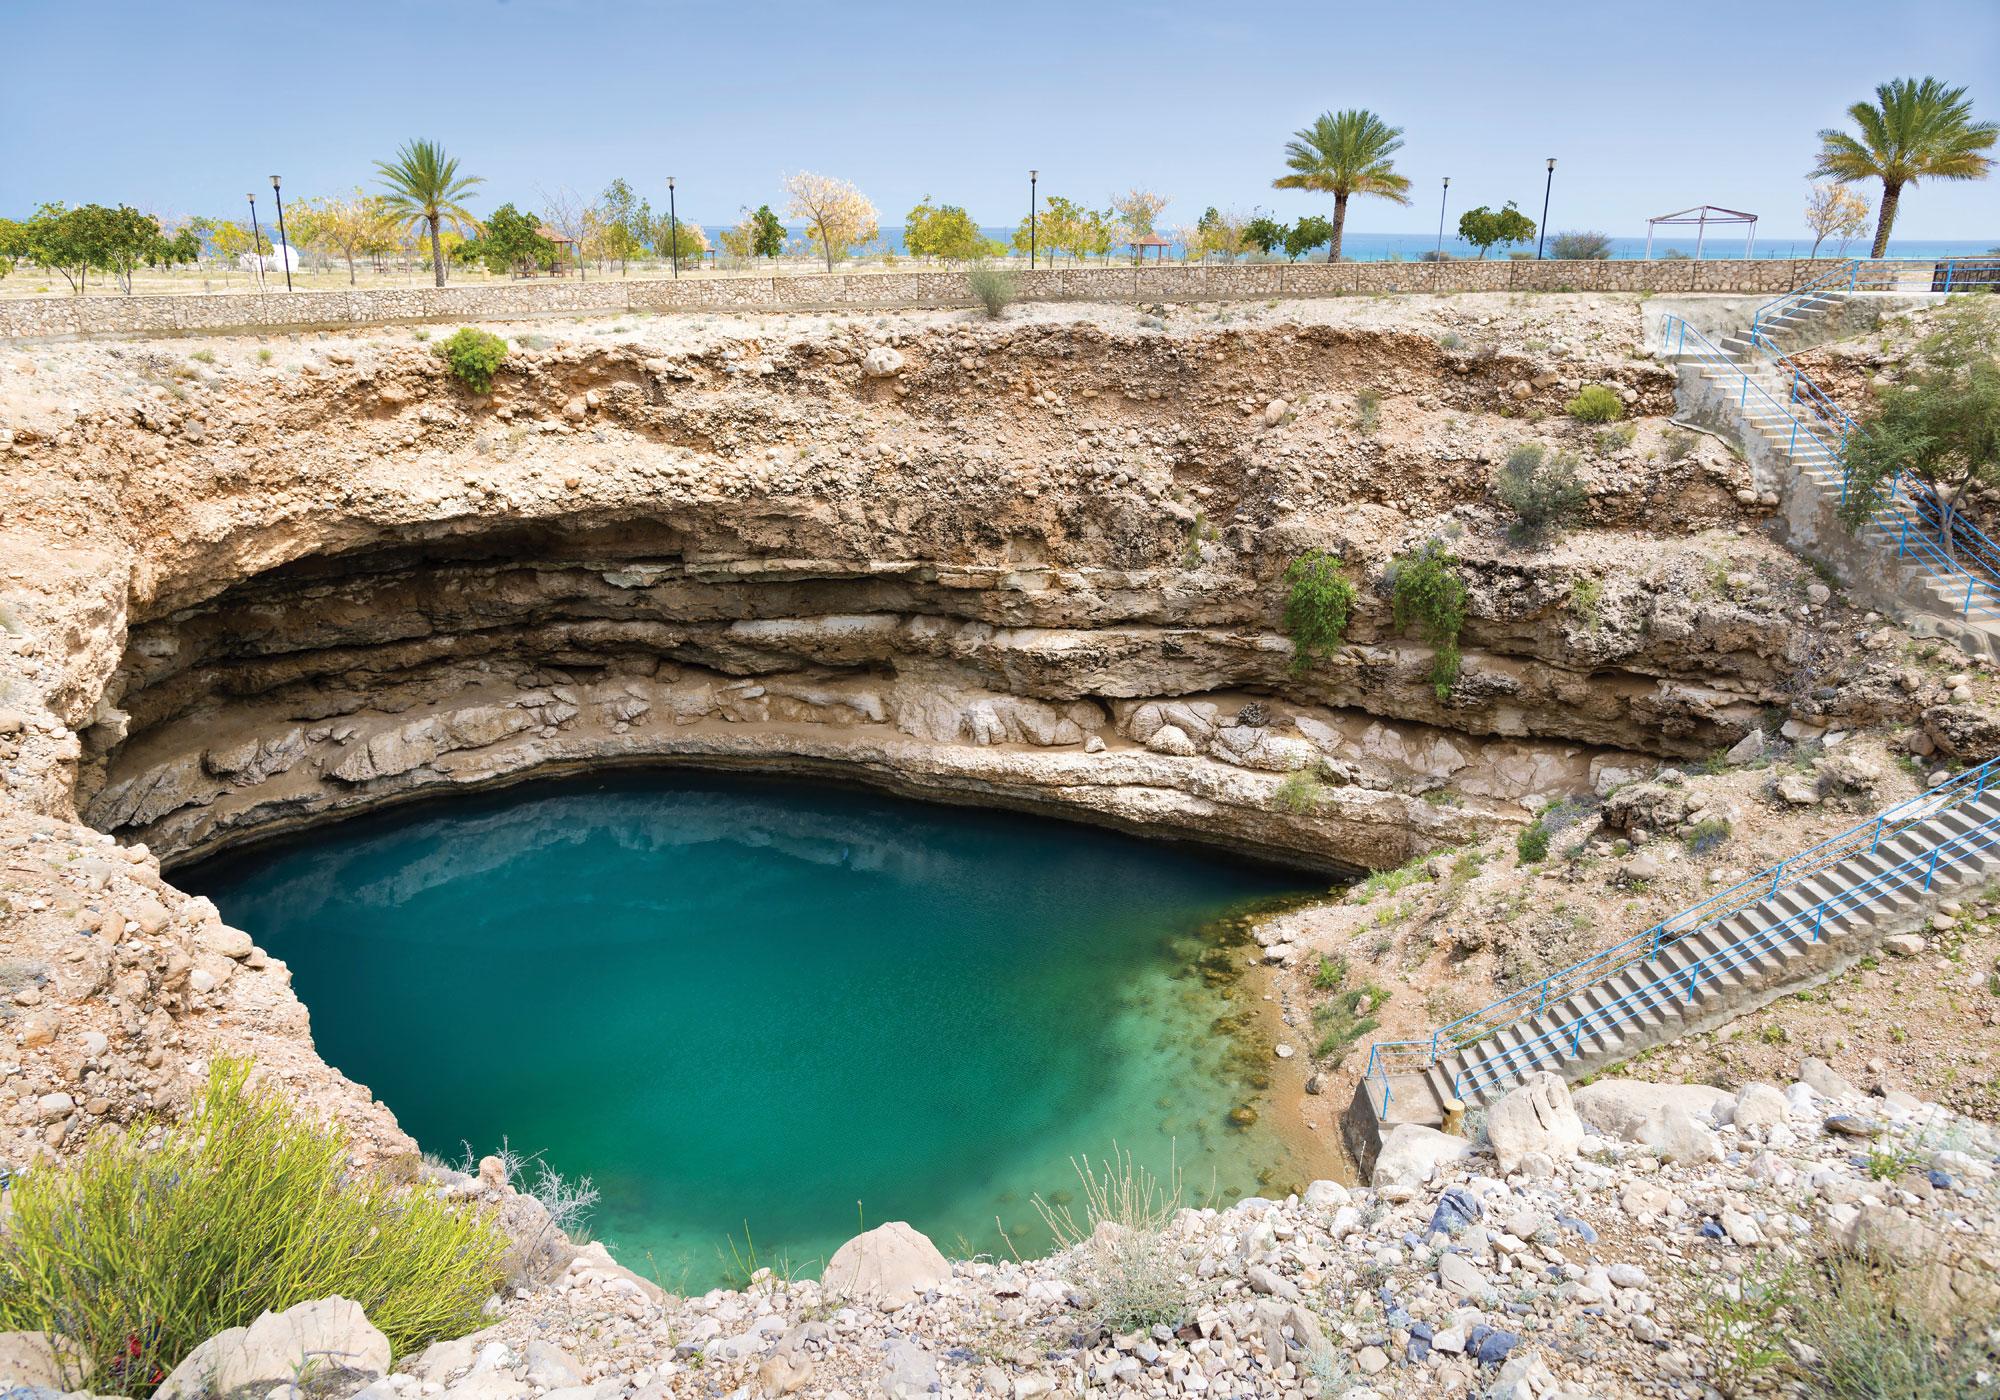 2Bimah-Sinkhole